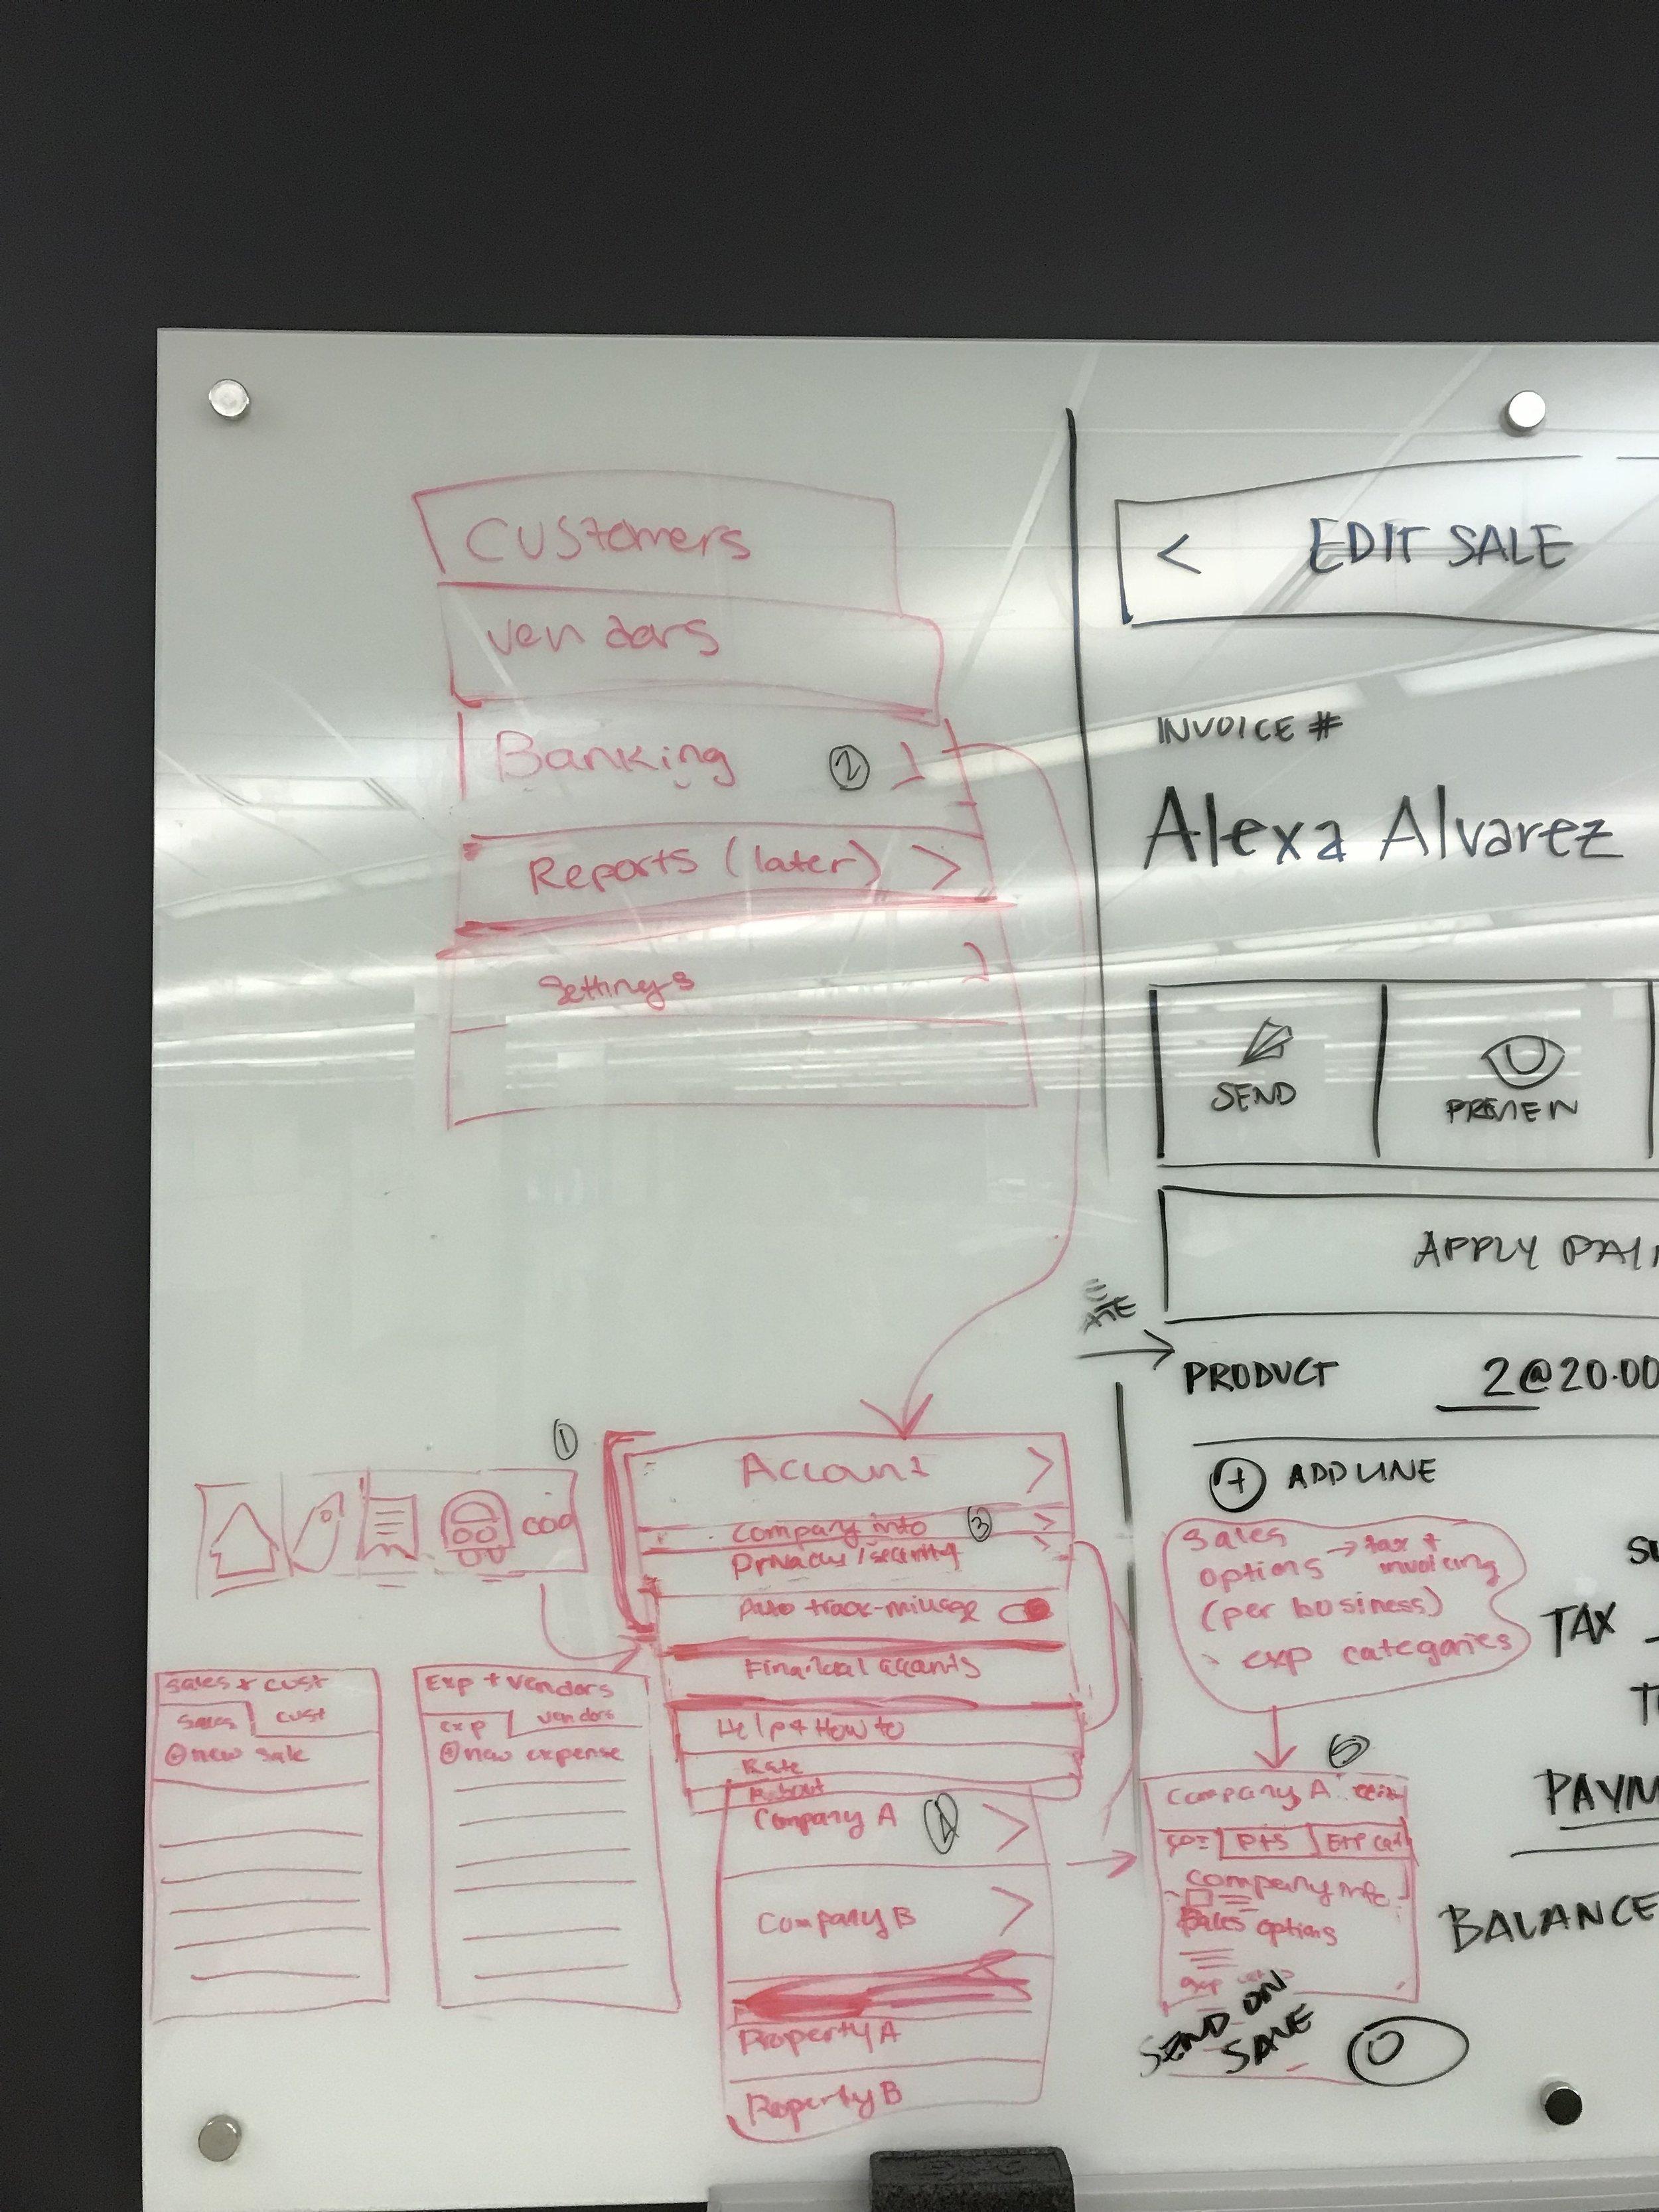 IA Brainstorm: Mobile Navigation - More Menu